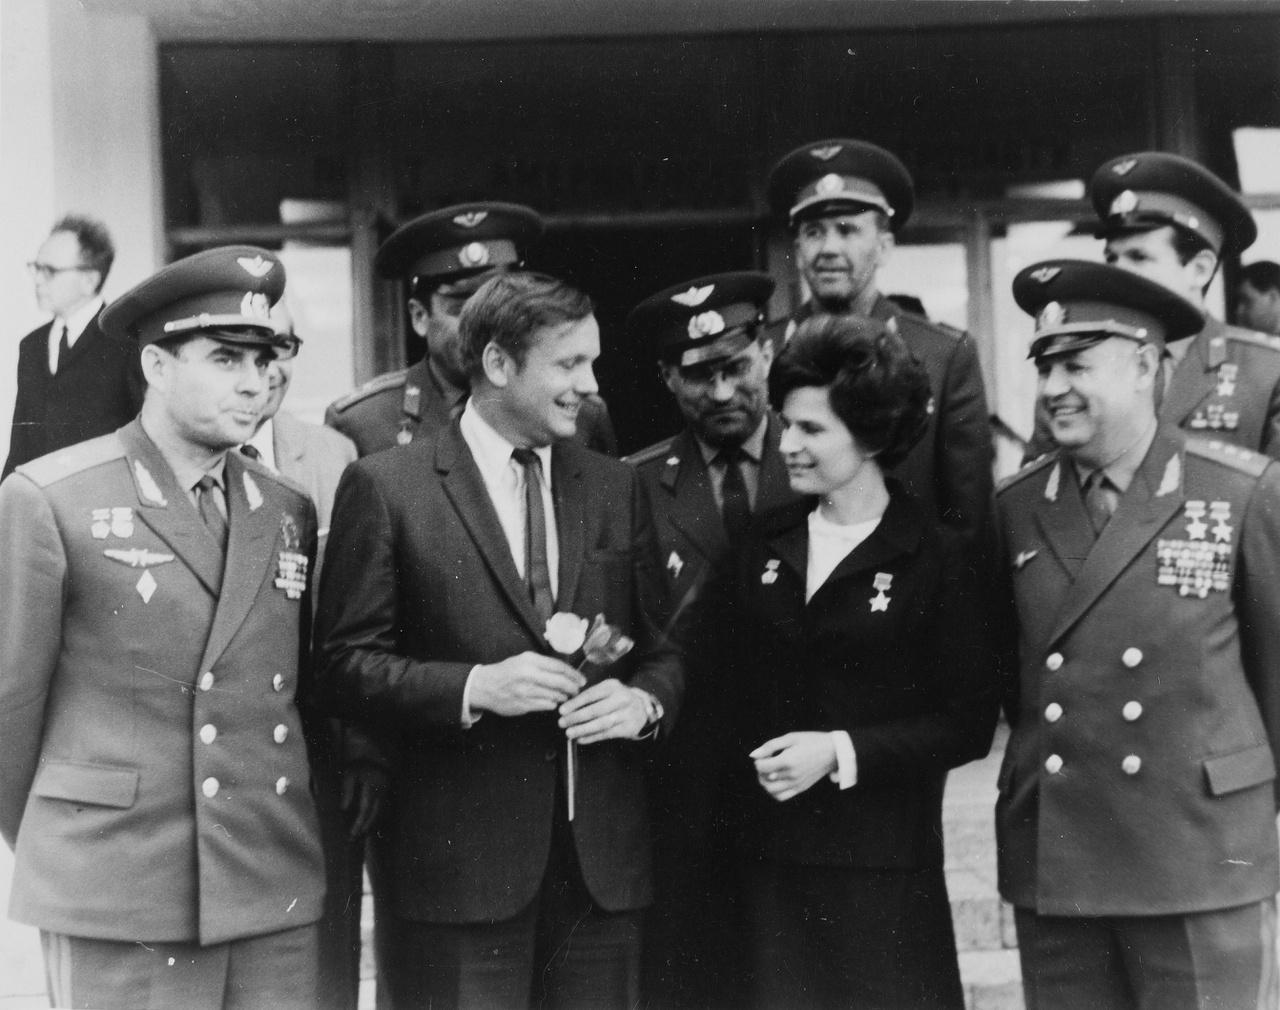 Armstrong virággal köszönti Tyereskovát, az első űrhajós nőt a XIII. COSPAR alkalmából.